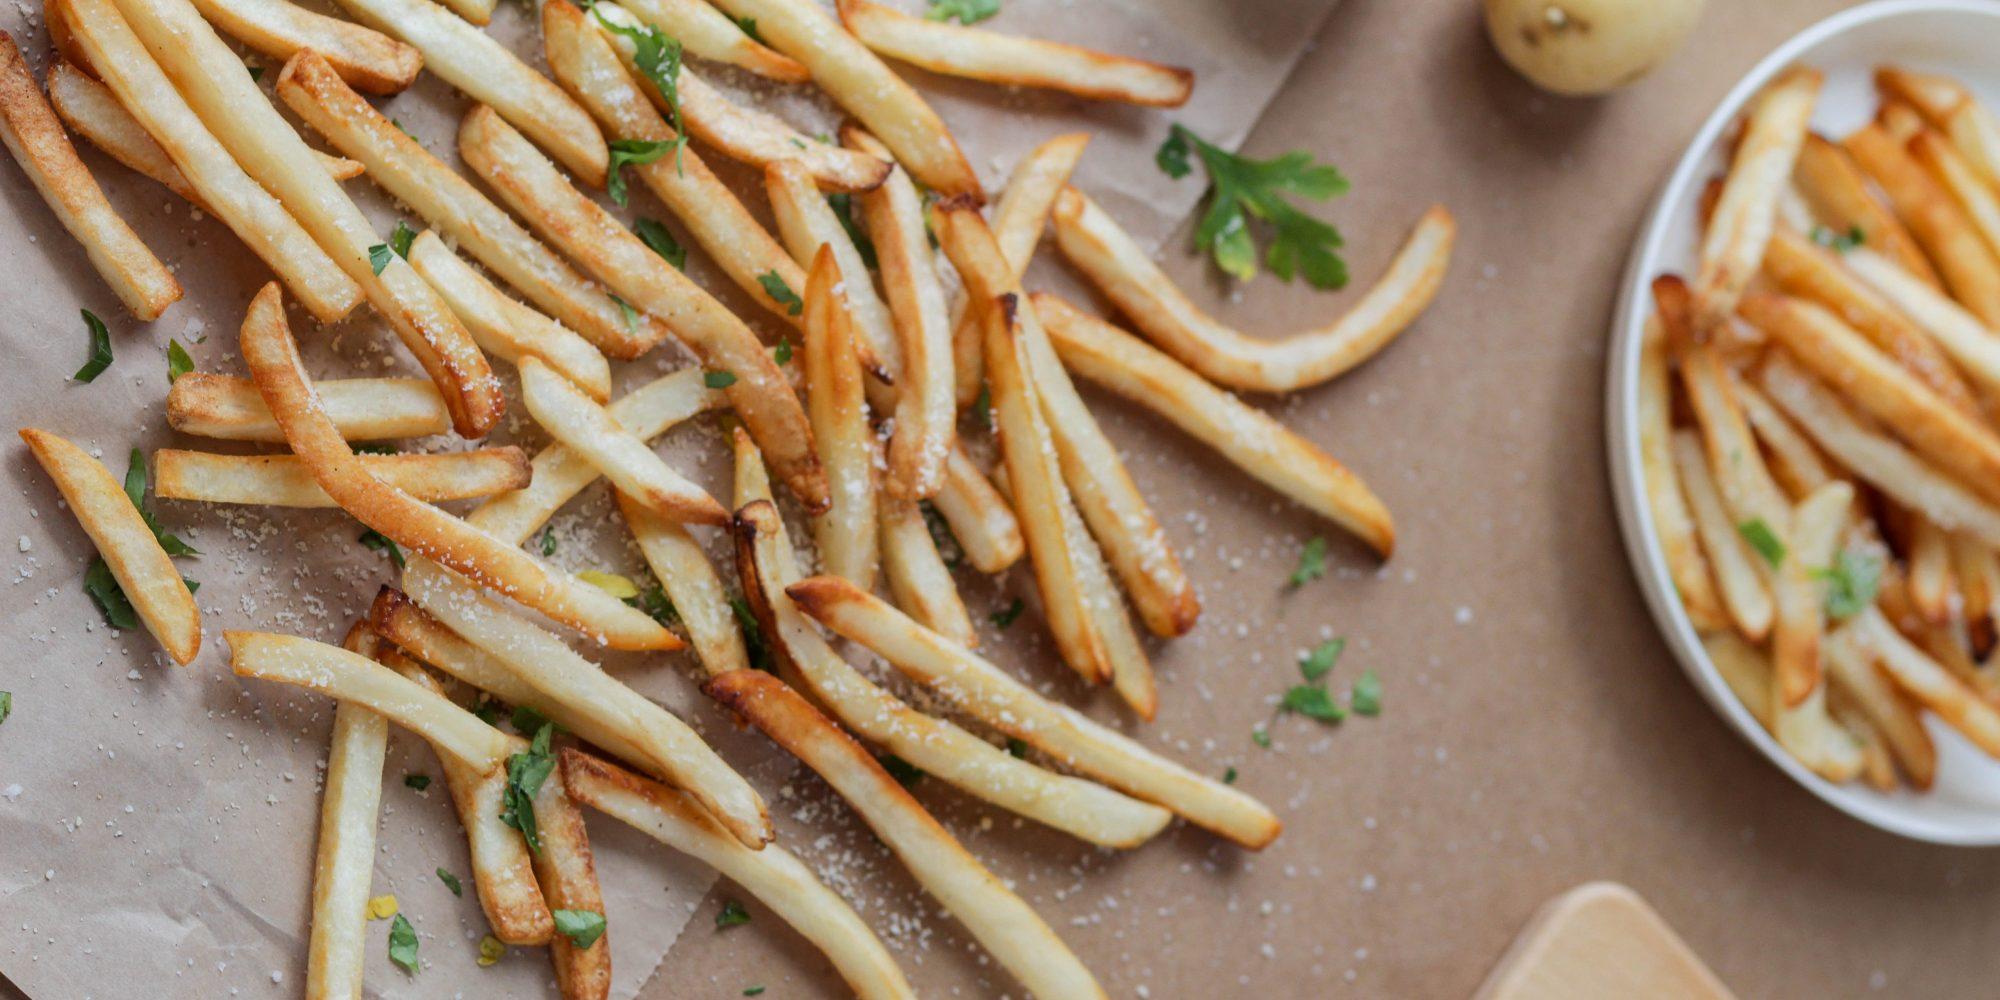 3 υγιεινοί τρόποι για να φας τις πατάτες σου. Γιατί weekend χωρίς πατάτες, δεν είναι weekend! Ξέχασε όσα έχεις ακούσει για τις πατάτες!